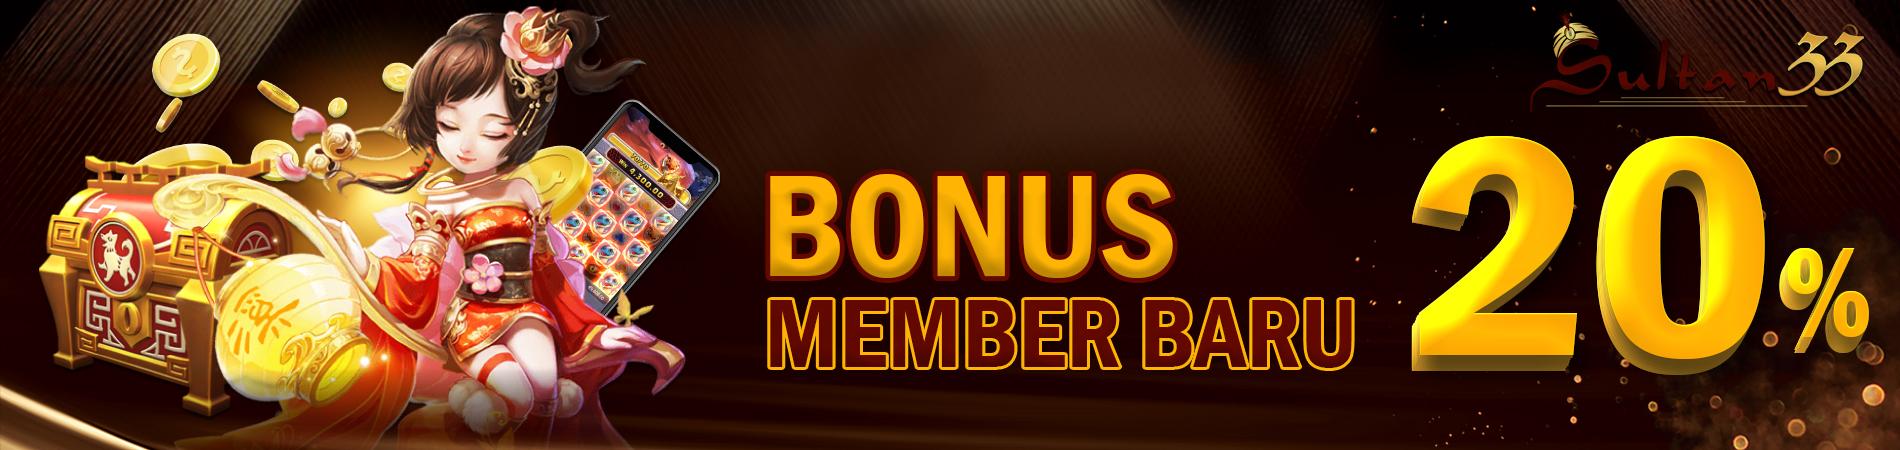 Promo Bonus Slot Terbaru Sultan33